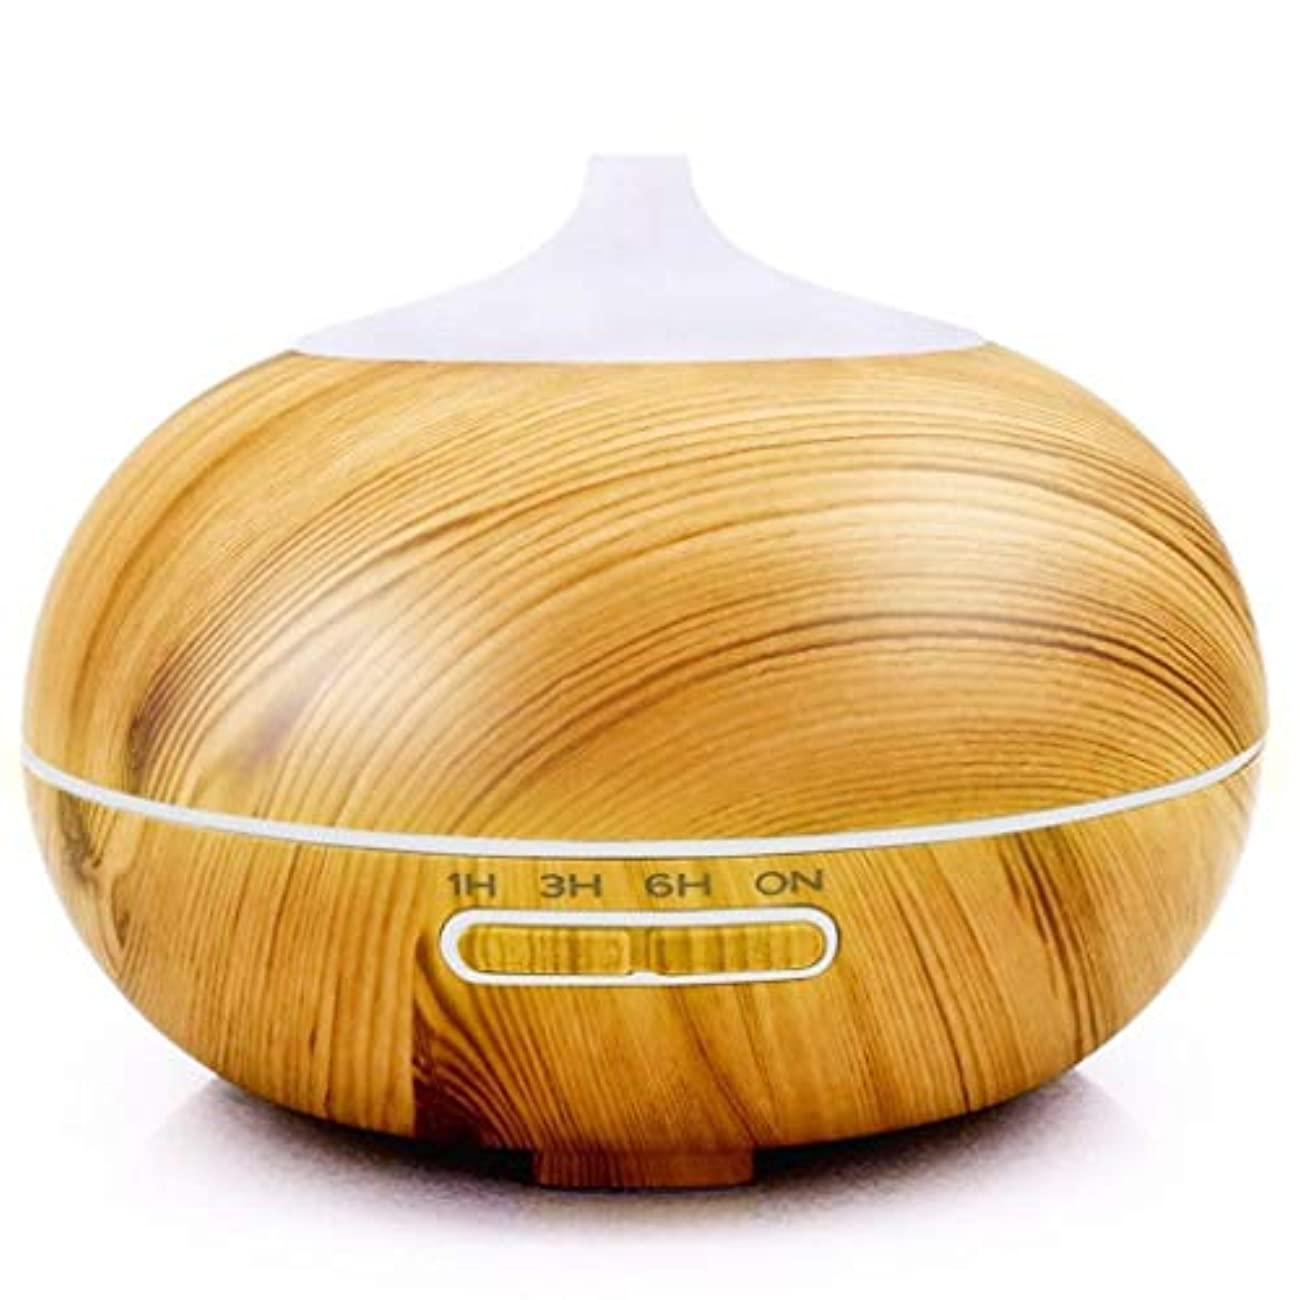 友だち損傷チャーム300ミリリットルエッセンシャルオイルディフューザーアロマディフューザー木材穀物アロマディフューザーで7色ledライトウォーターレス自動シャットオフ用ホームオフィスヨガ (Color : Light Wood Grain)